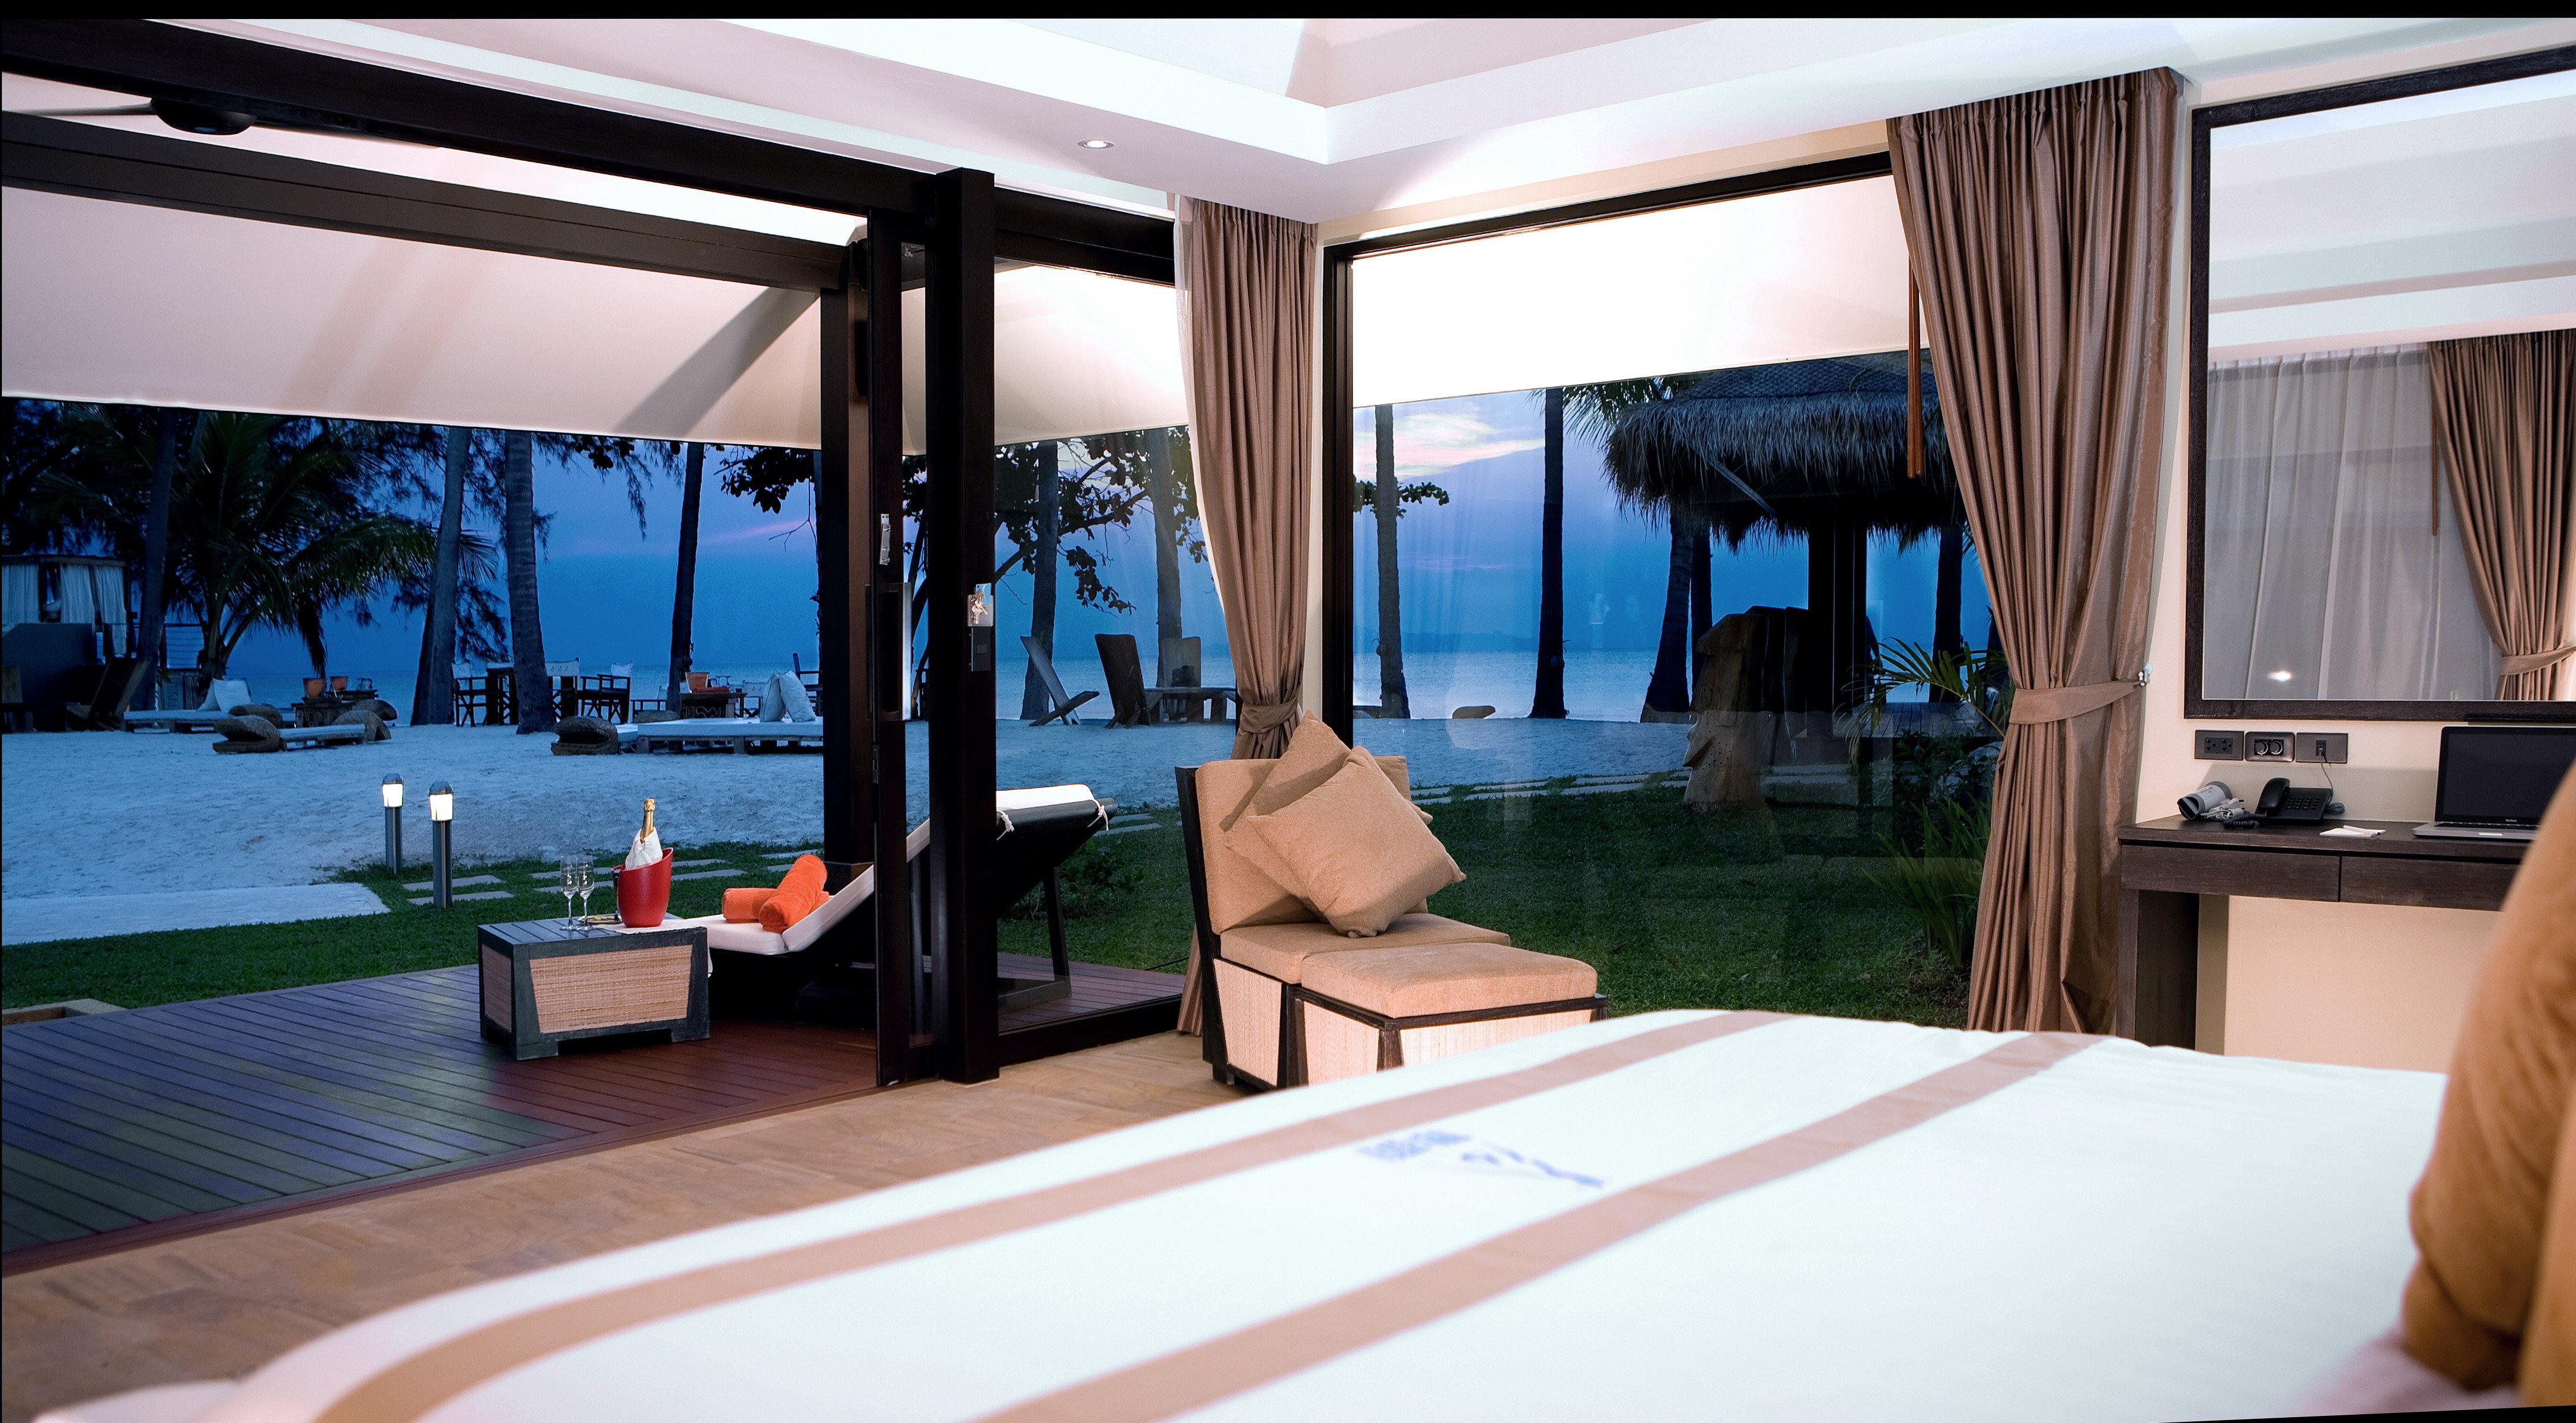 Beachfront Bedroom Modern Resort Suite property condominium home Villa living room swimming pool overlooking